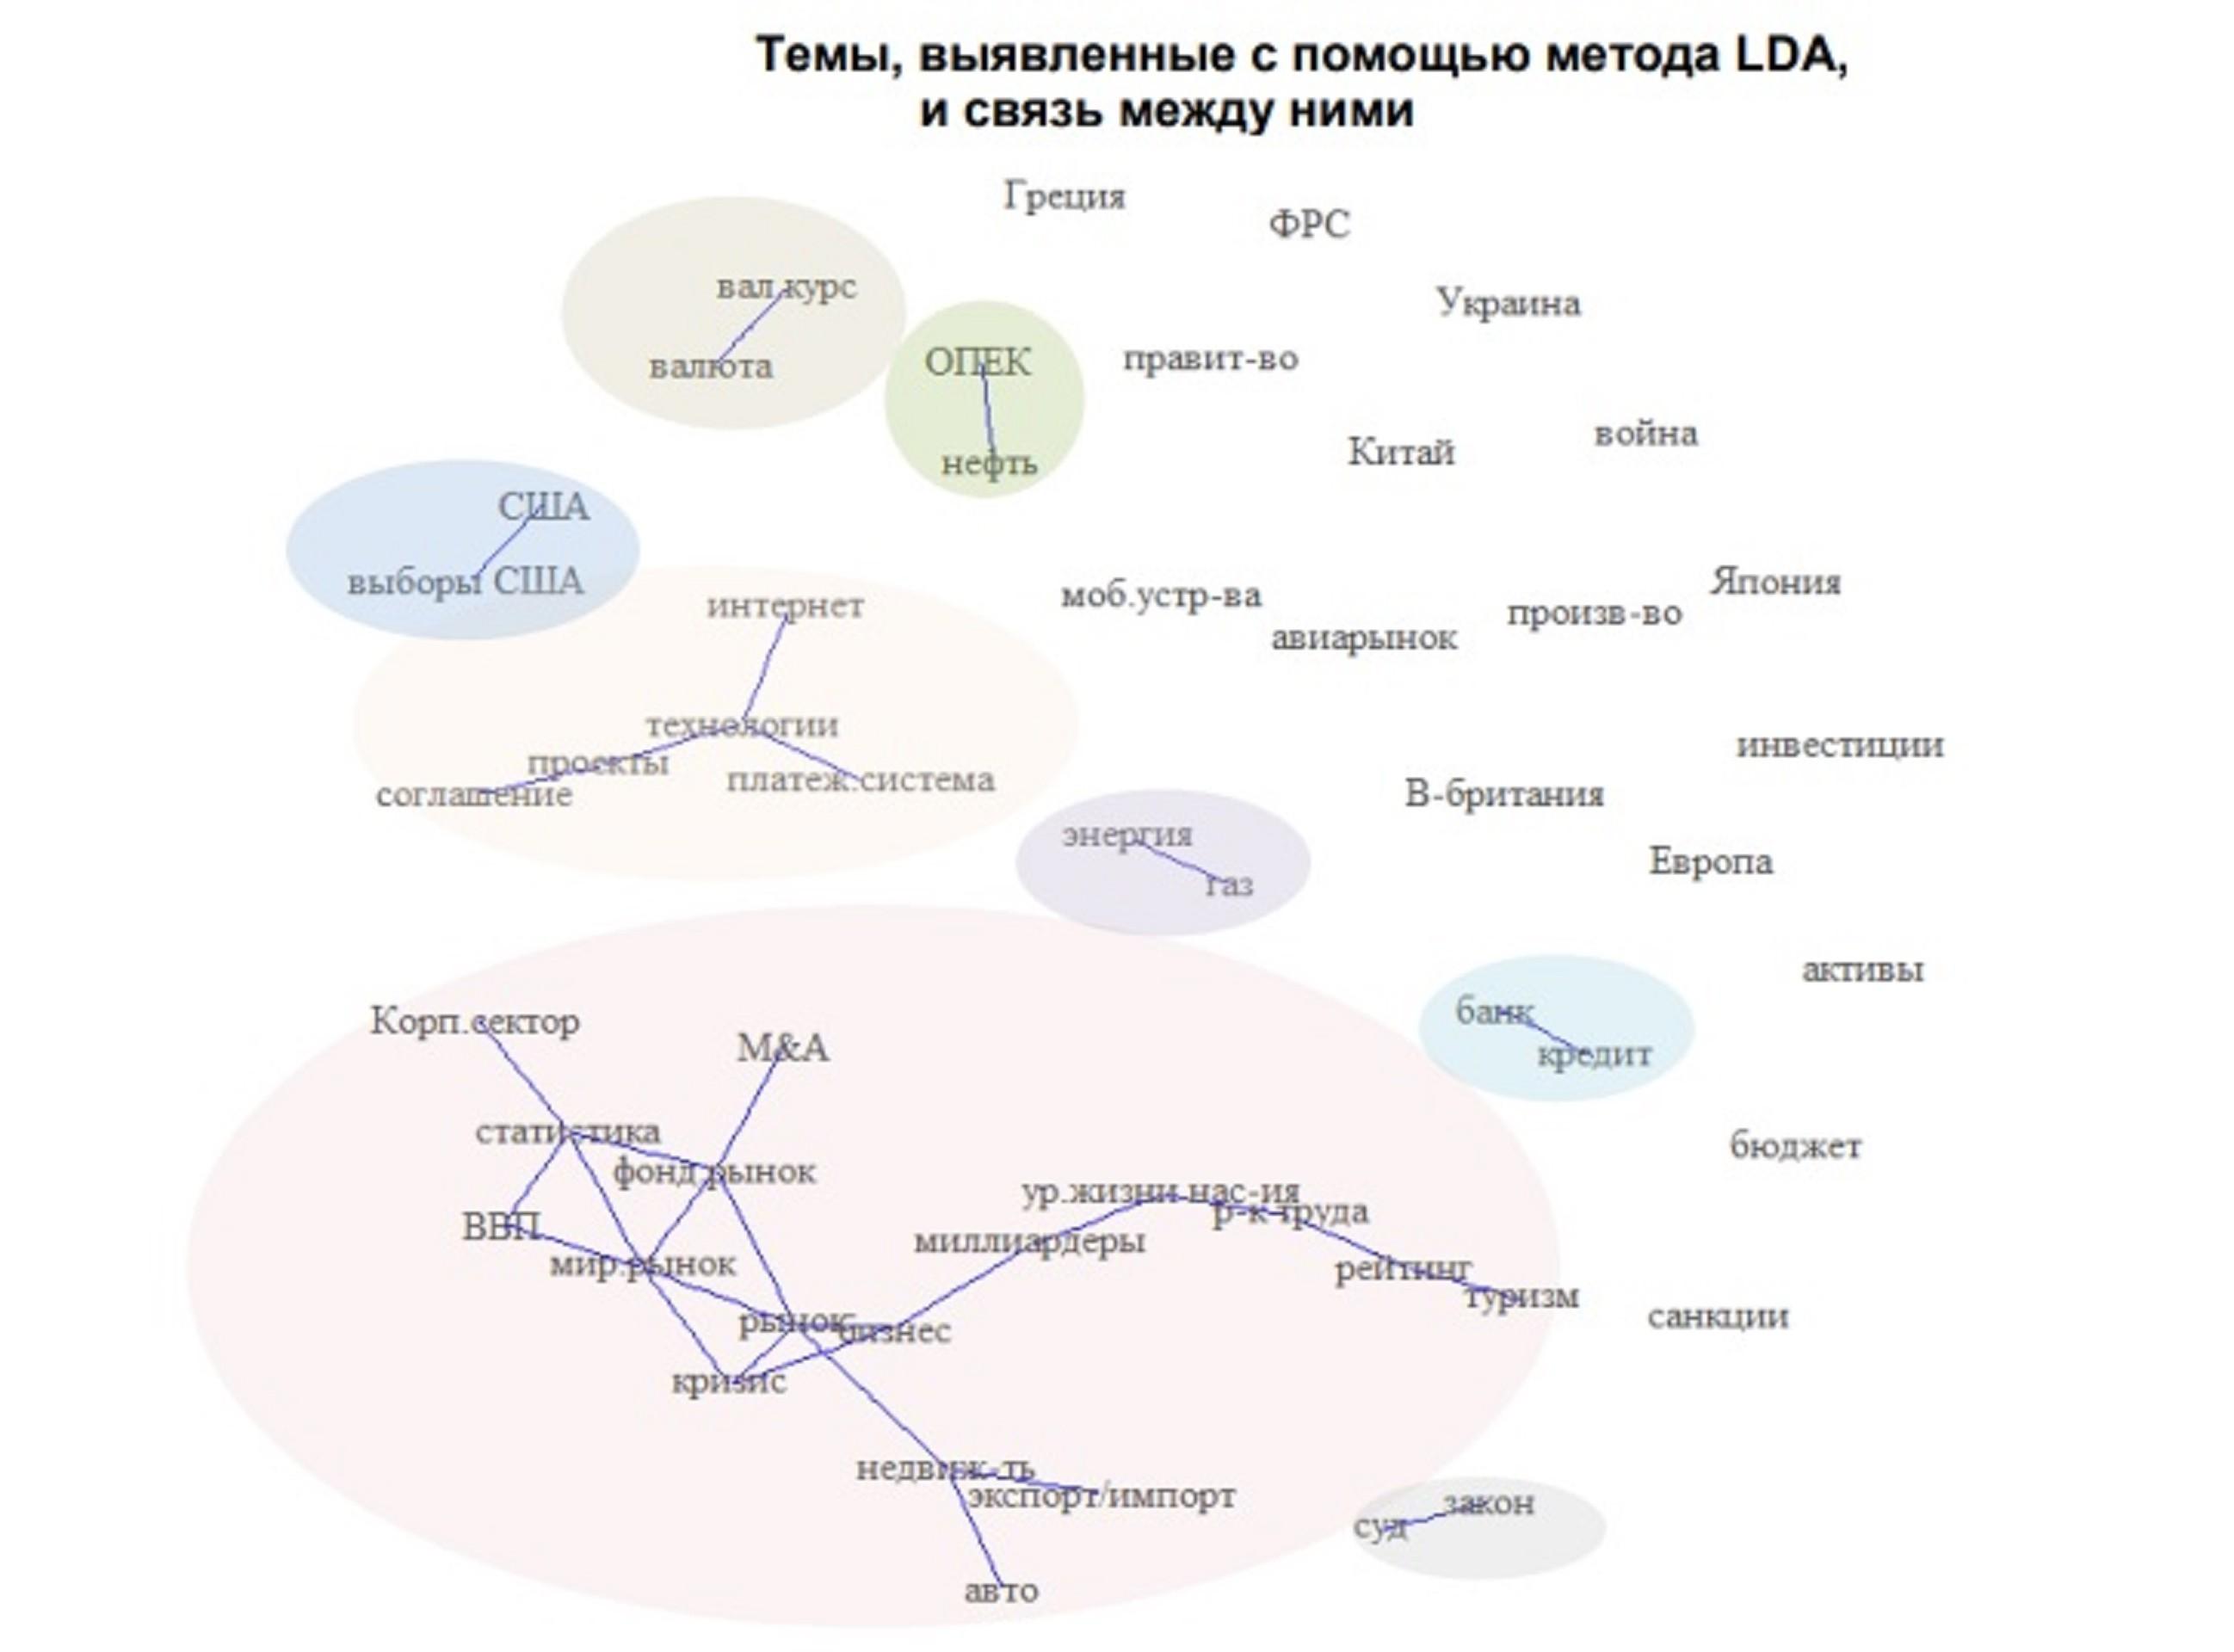 ЦБ оценит экономическую активность РФ по новостям